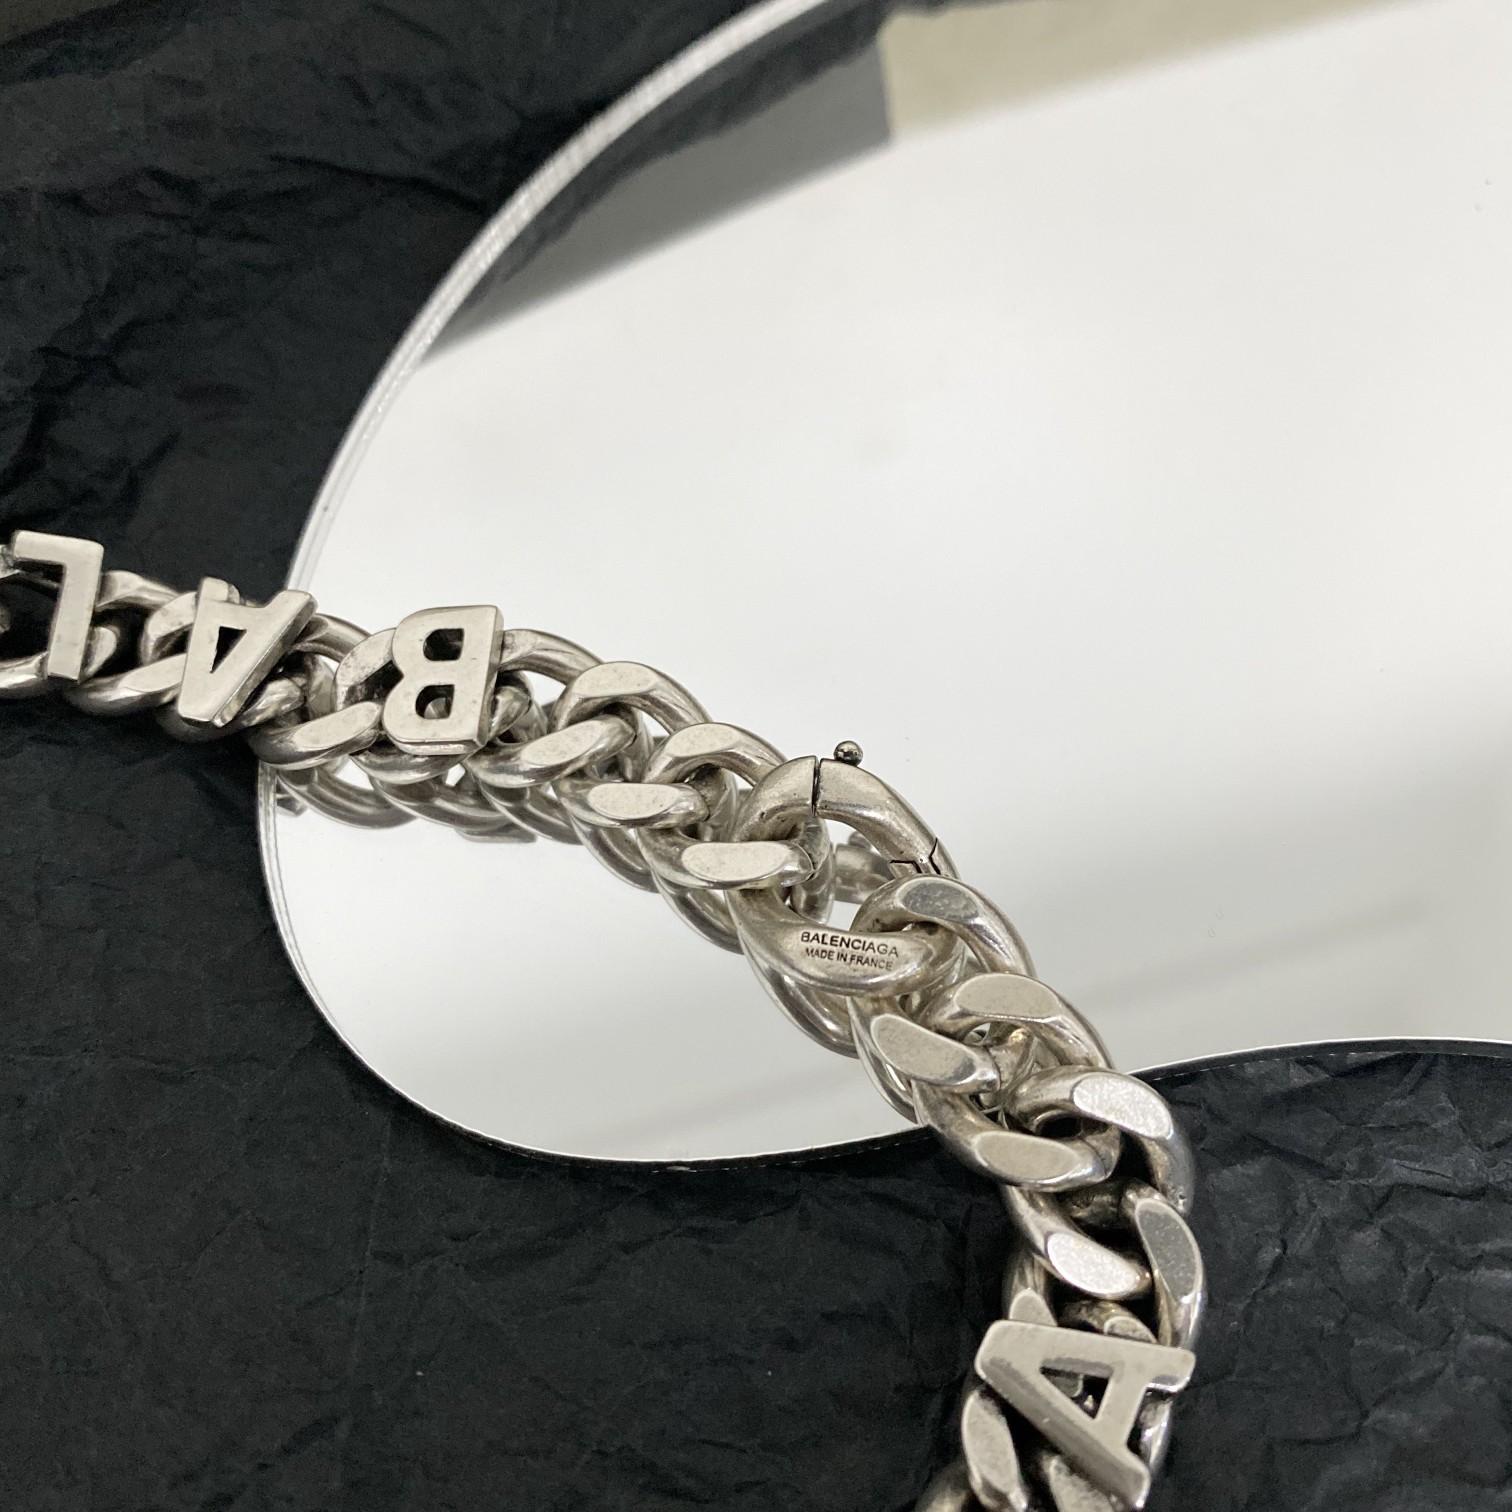 复古项链材质黄铜+厚金电镀粗旷设计链